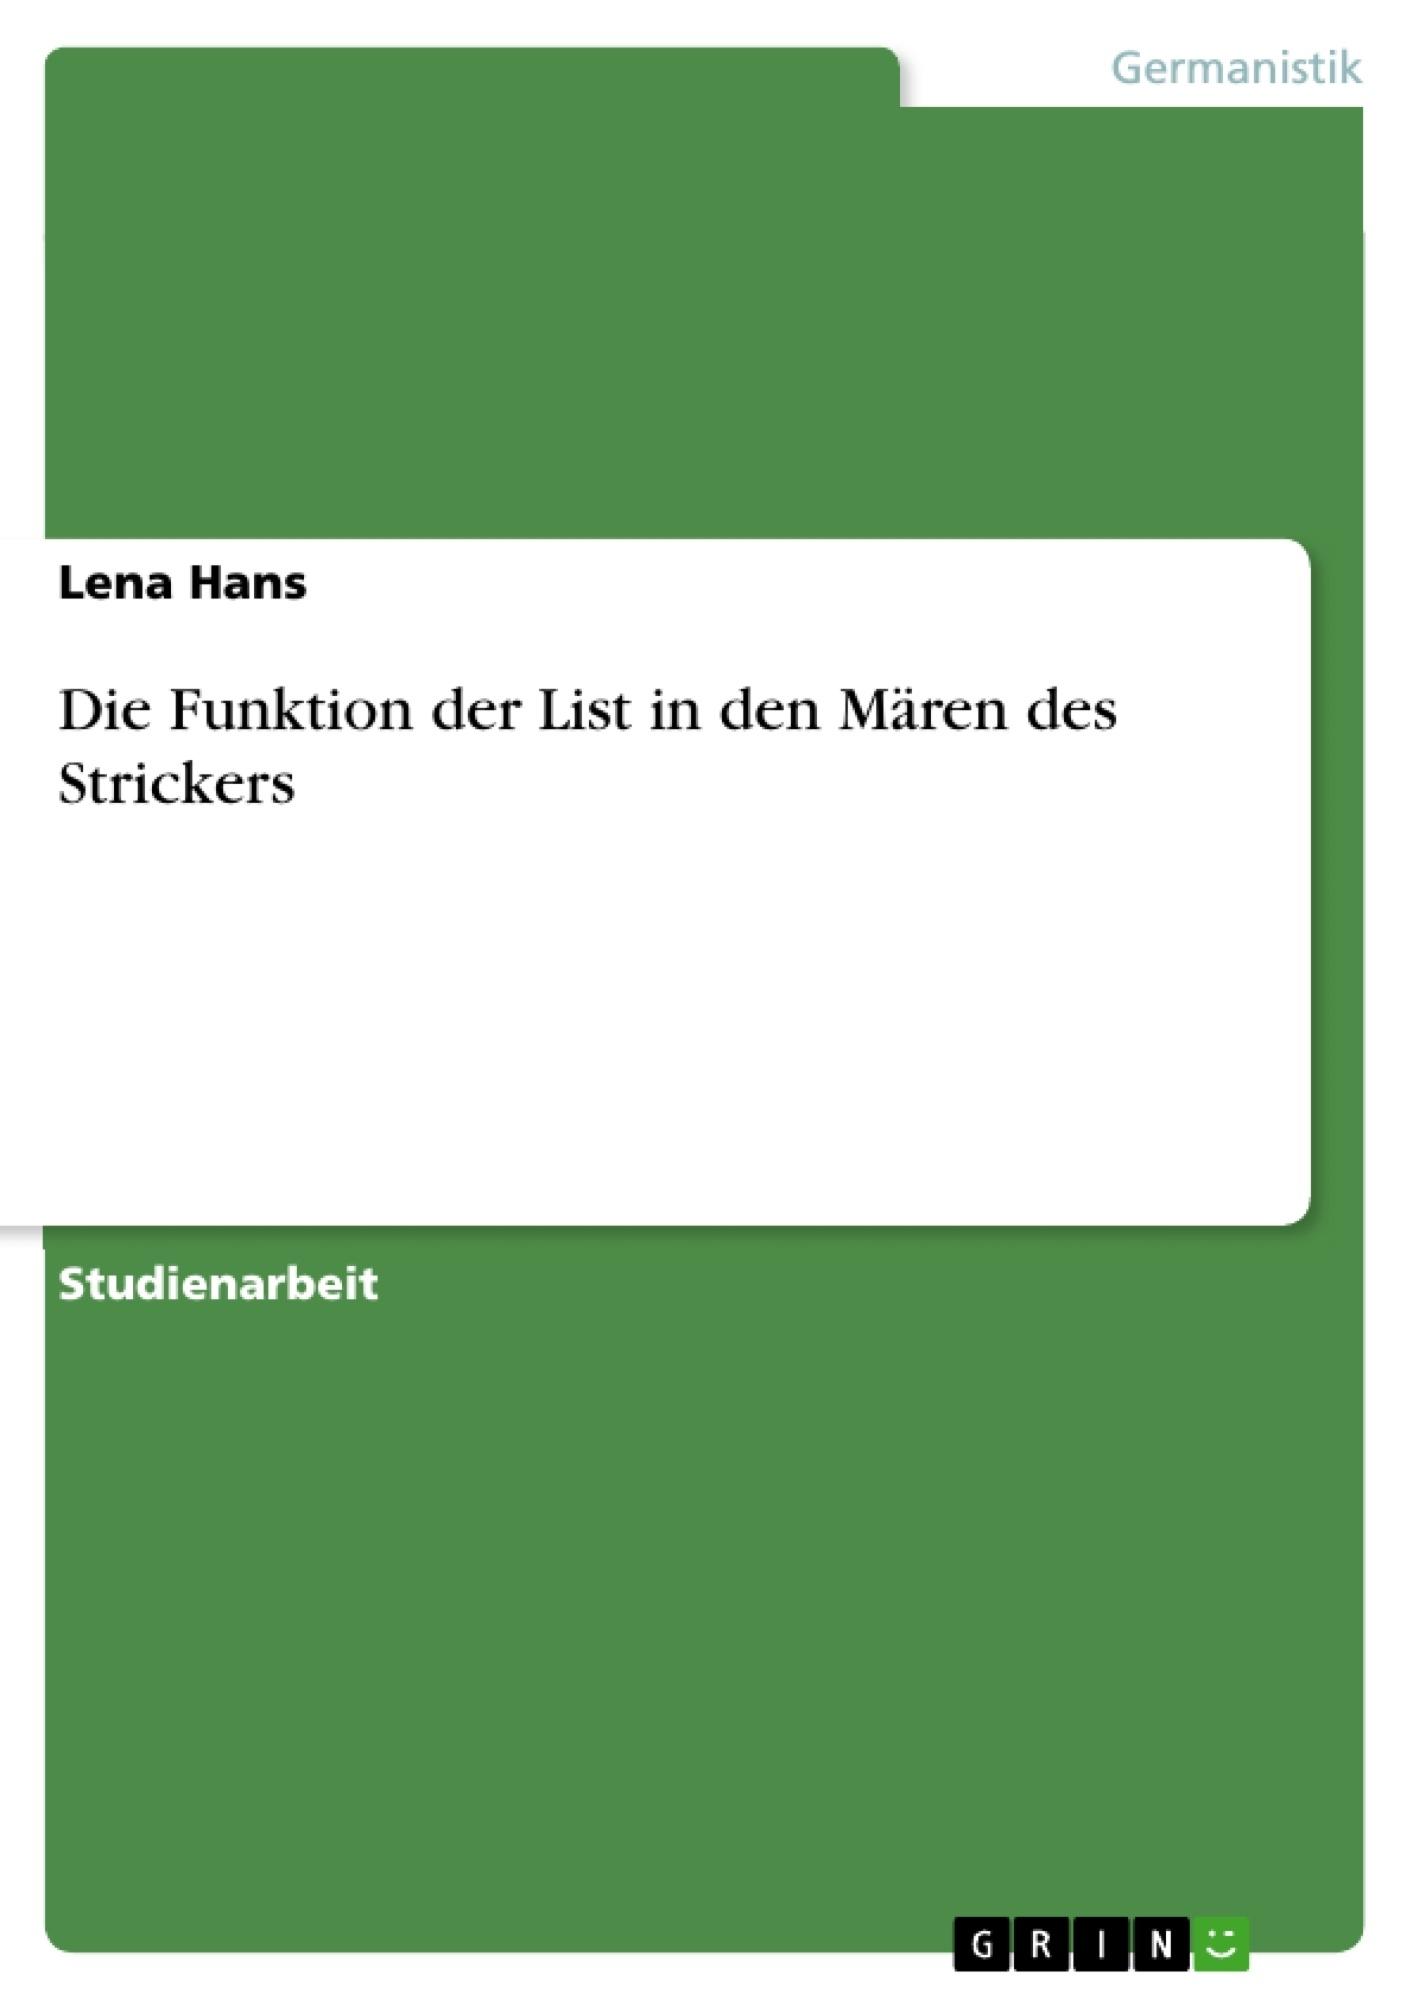 Titel: Die Funktion der List in den Mären des Strickers